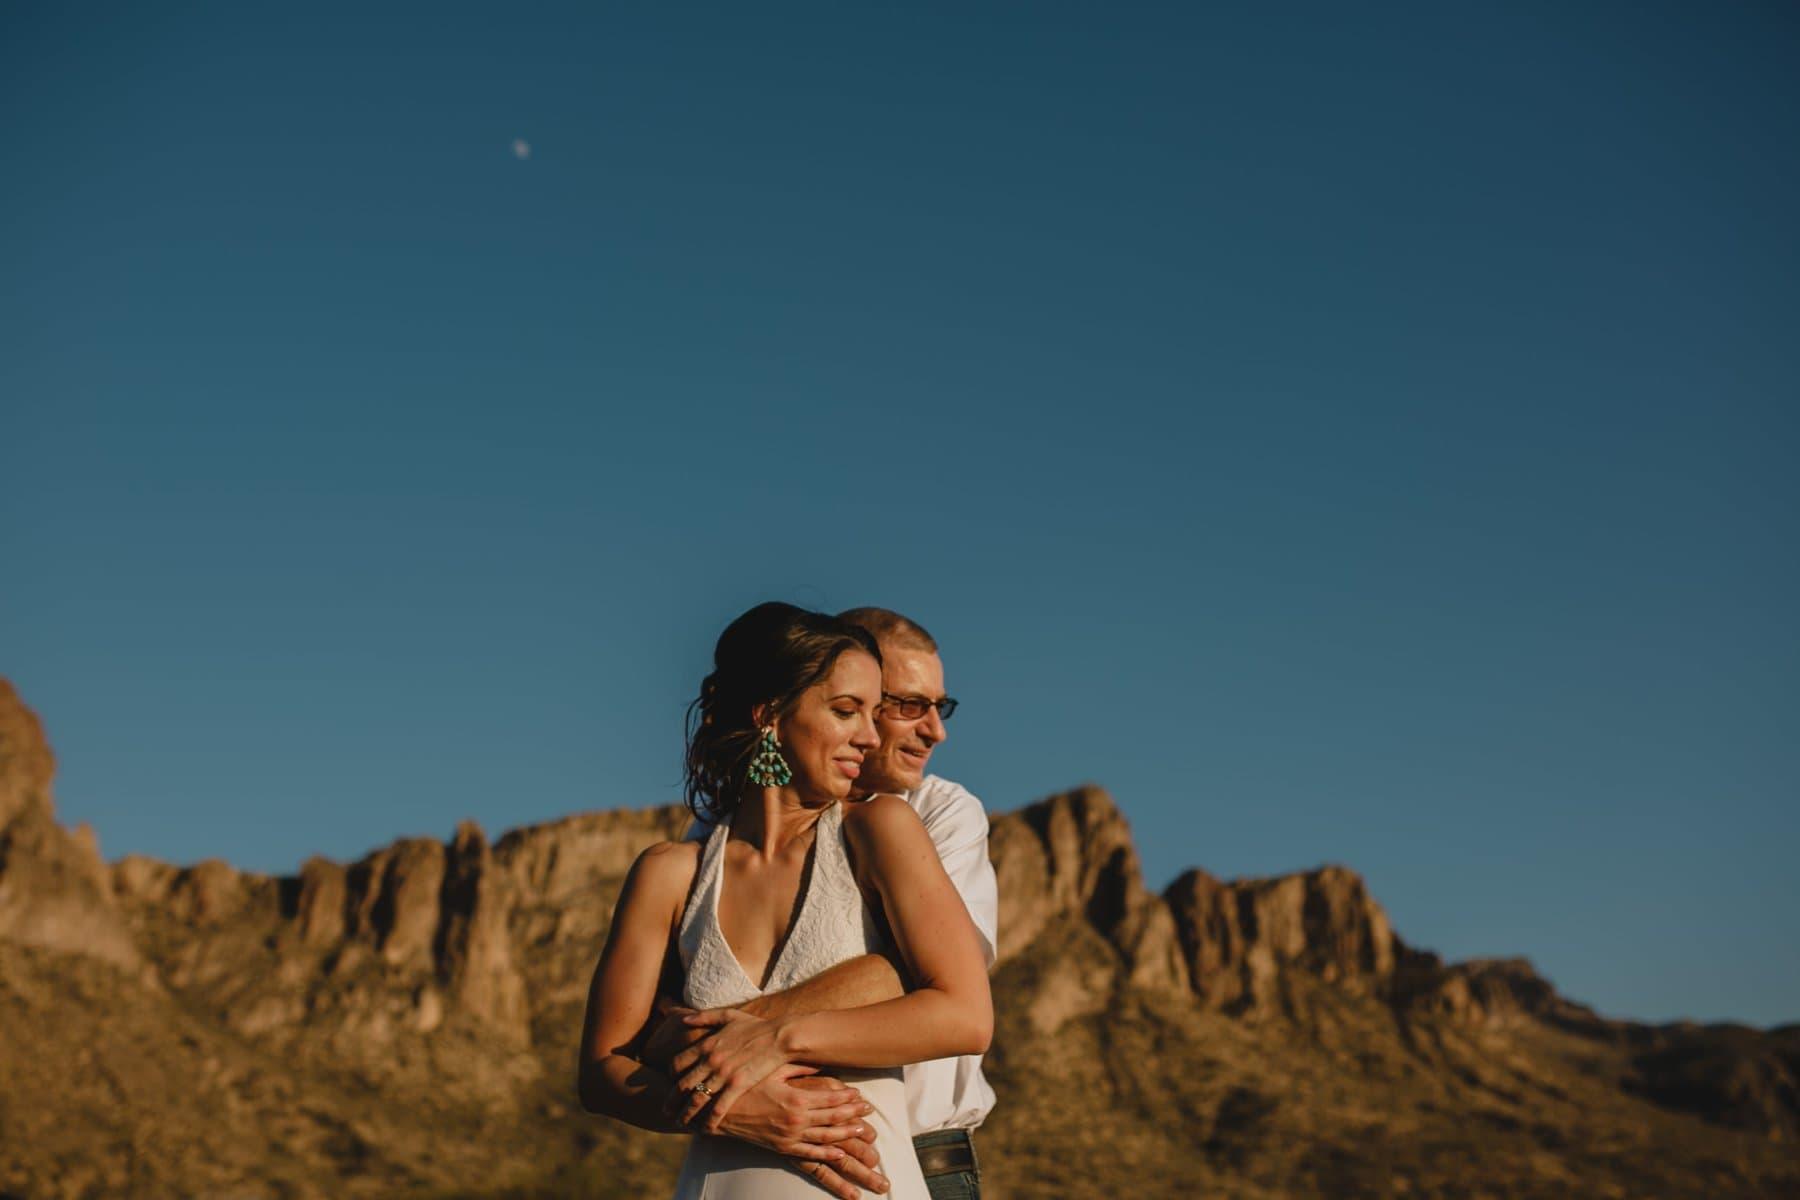 desert boho elopement in Salt River at sunset